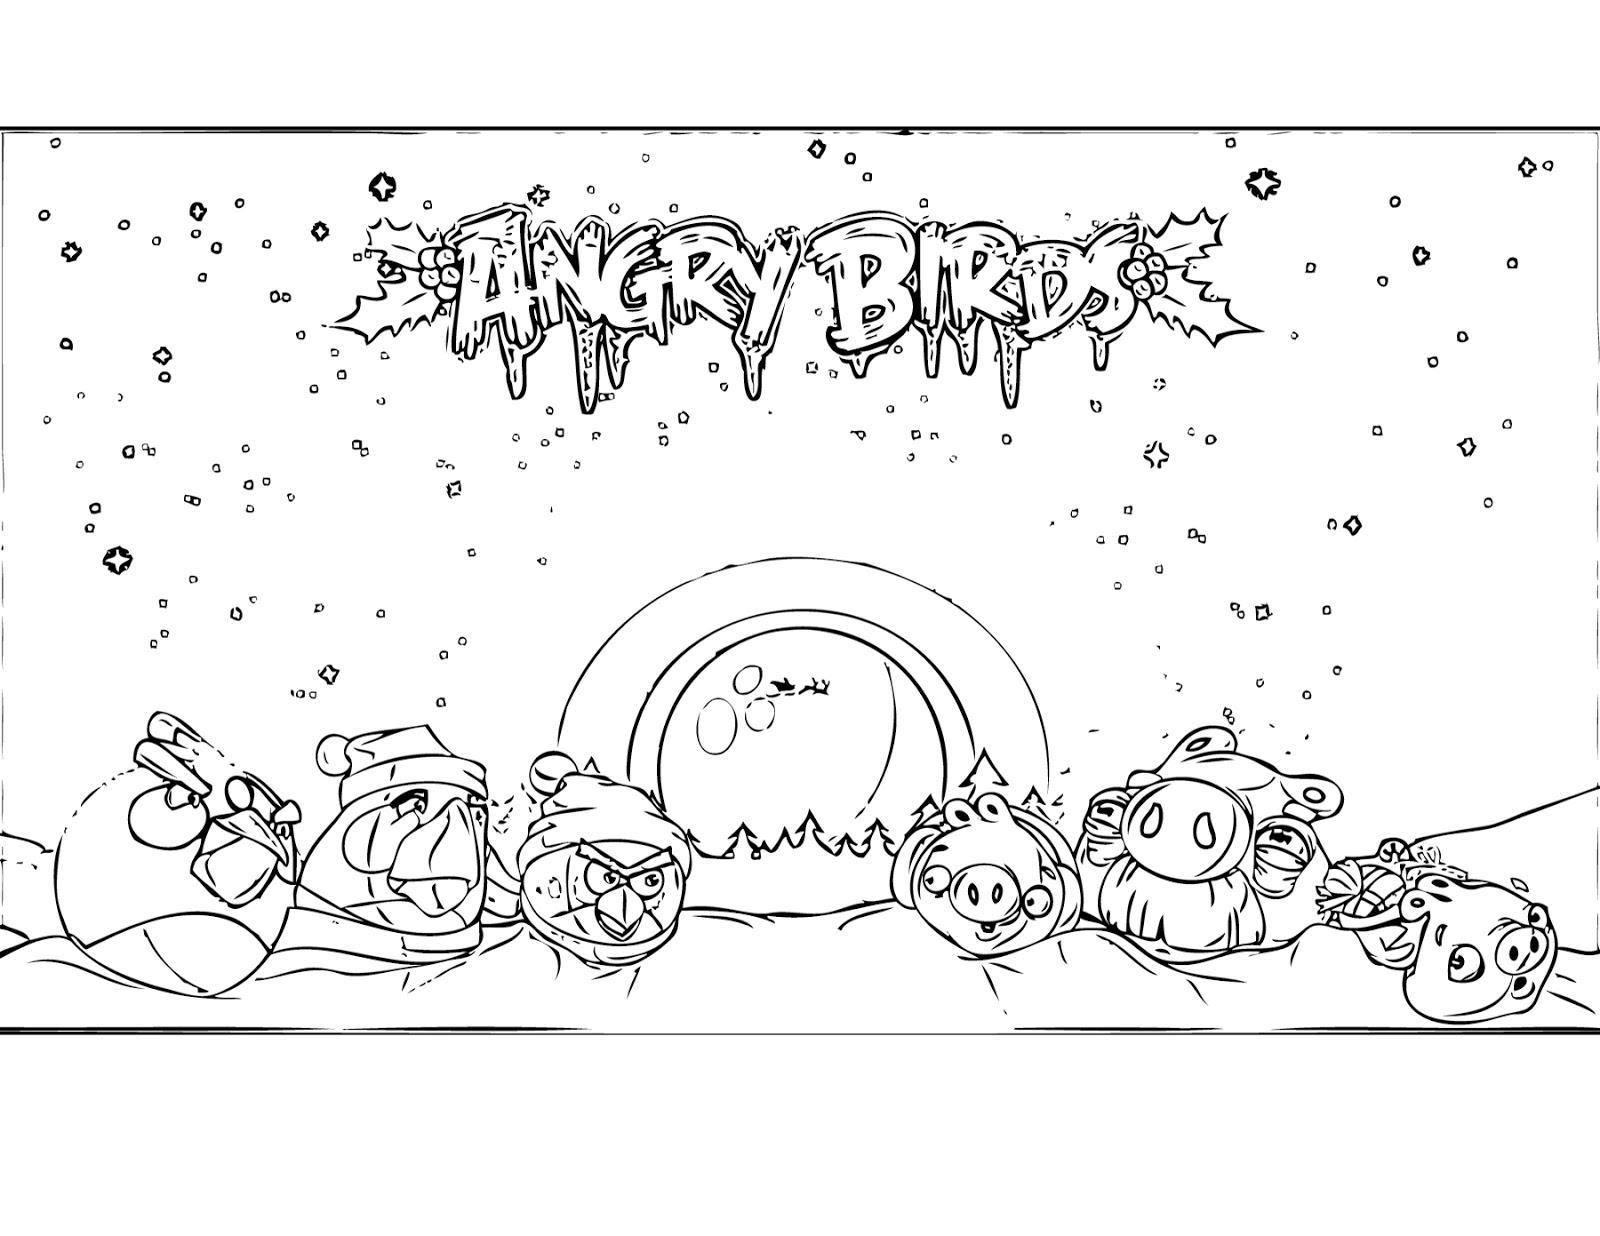 Dibujo Para Colorear De Angry Birds Seasons Los Cerdos Y Los Angry